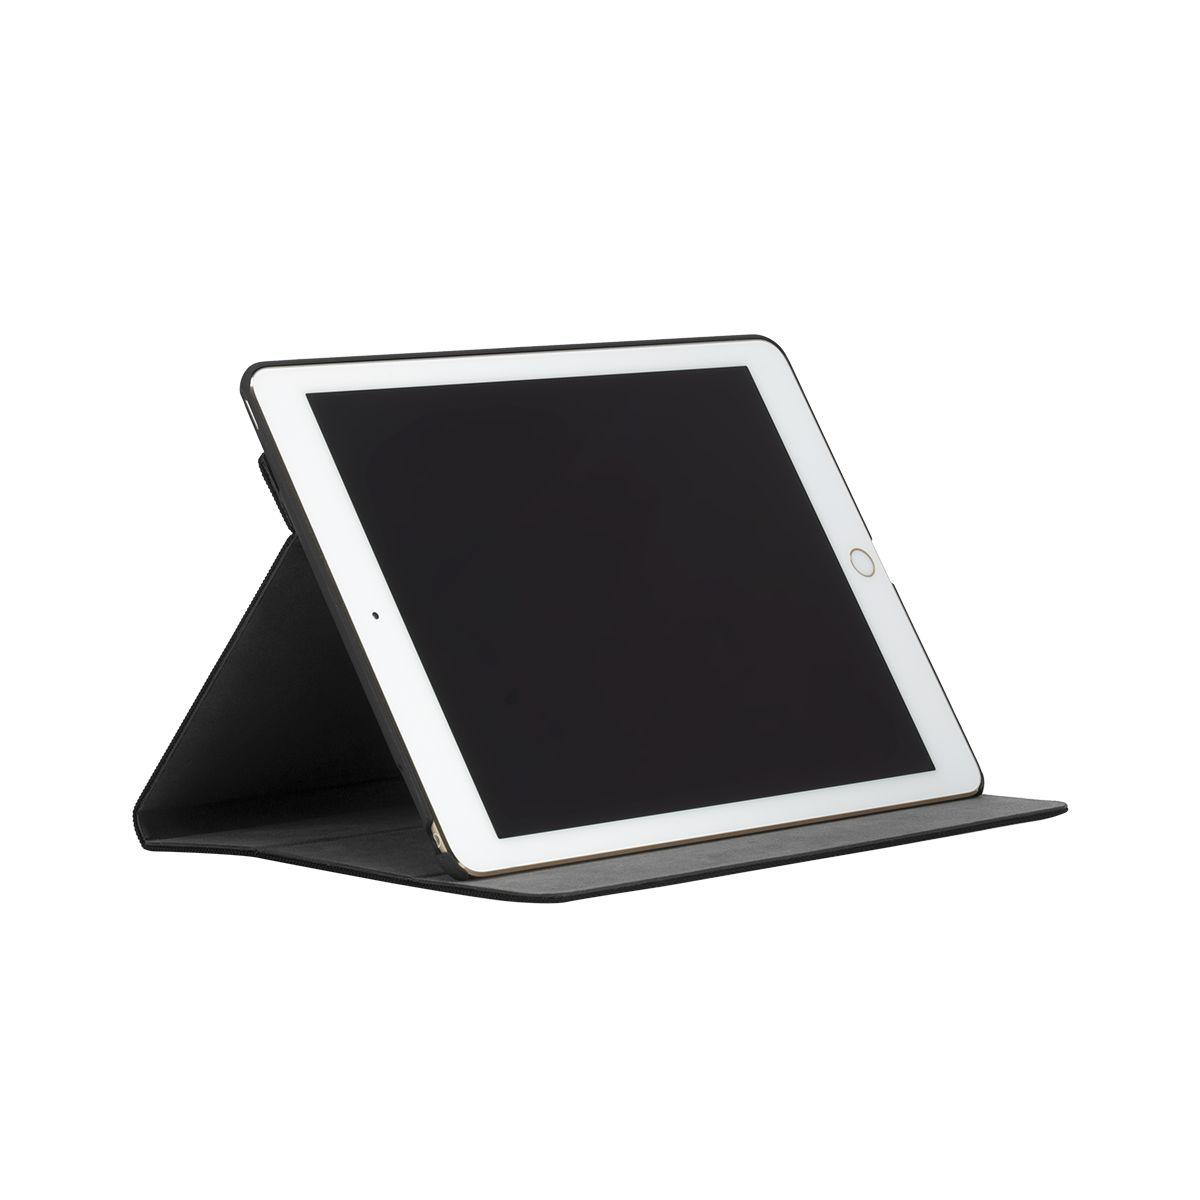 Etui tablette incase ipad pro 9.7'' noir - 20% de remise imm�diate avec le code : priv20 (photo)